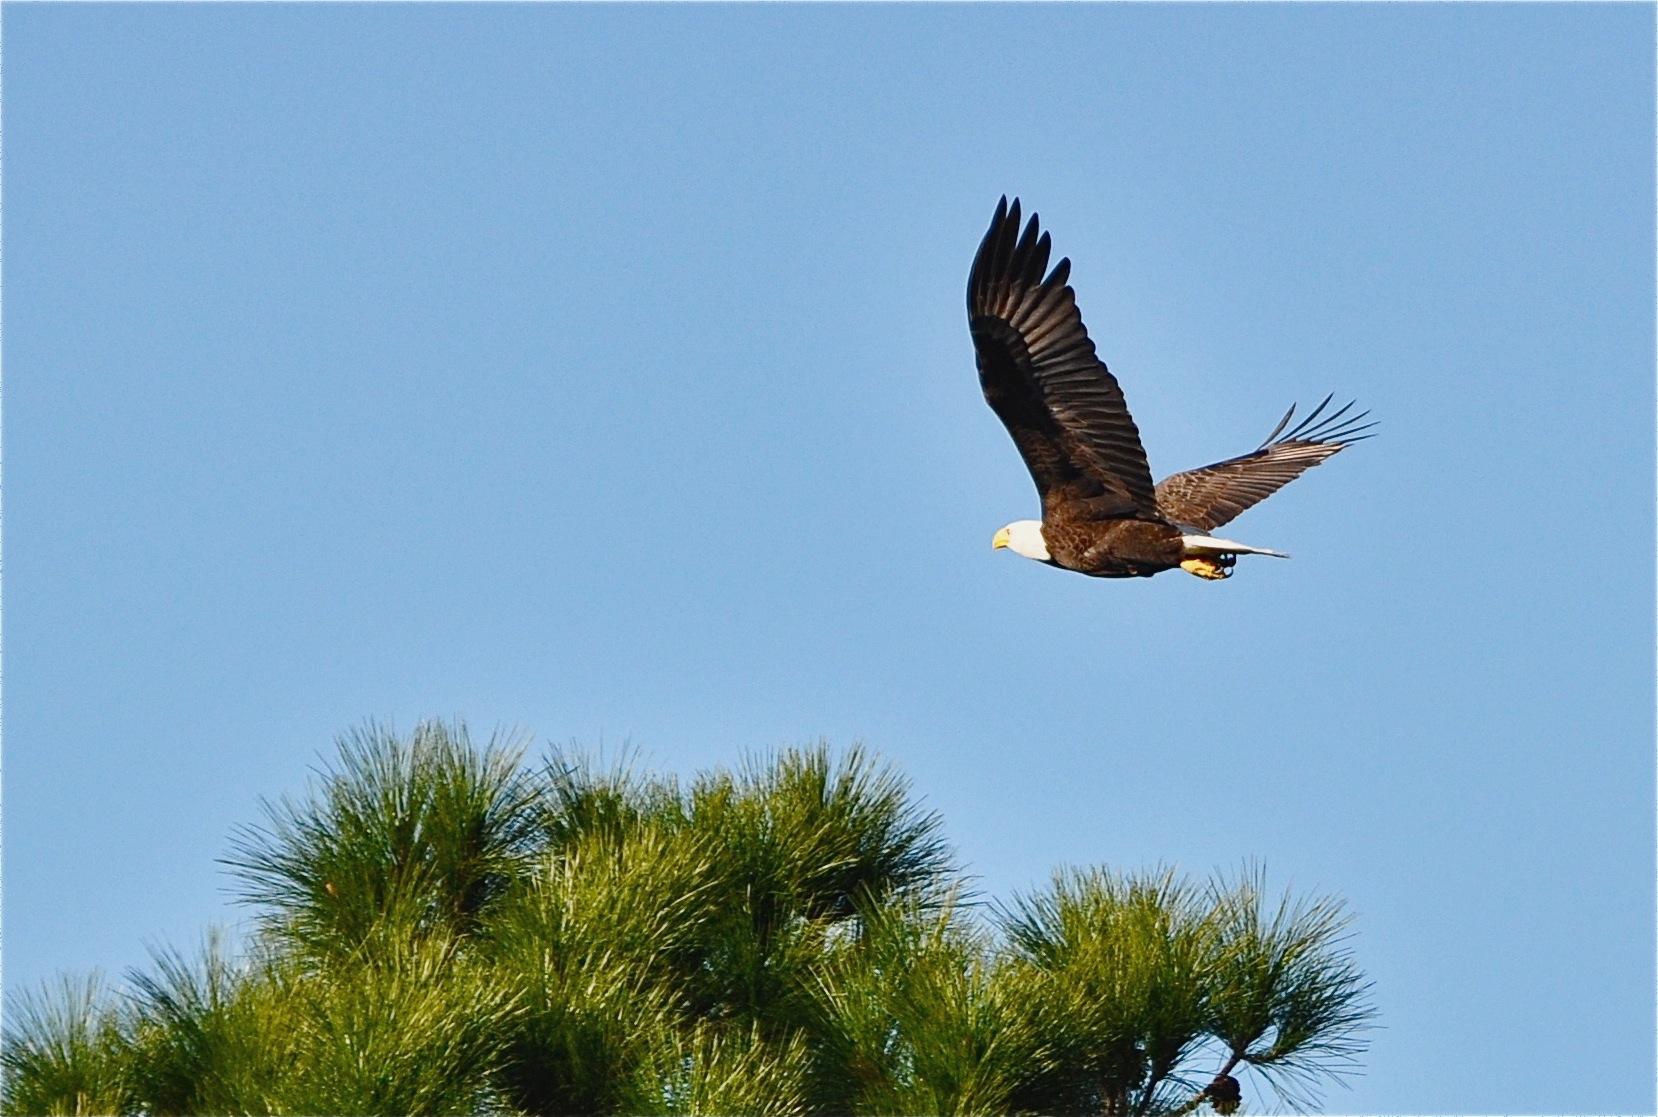 Rivendell Community Osprey Florida